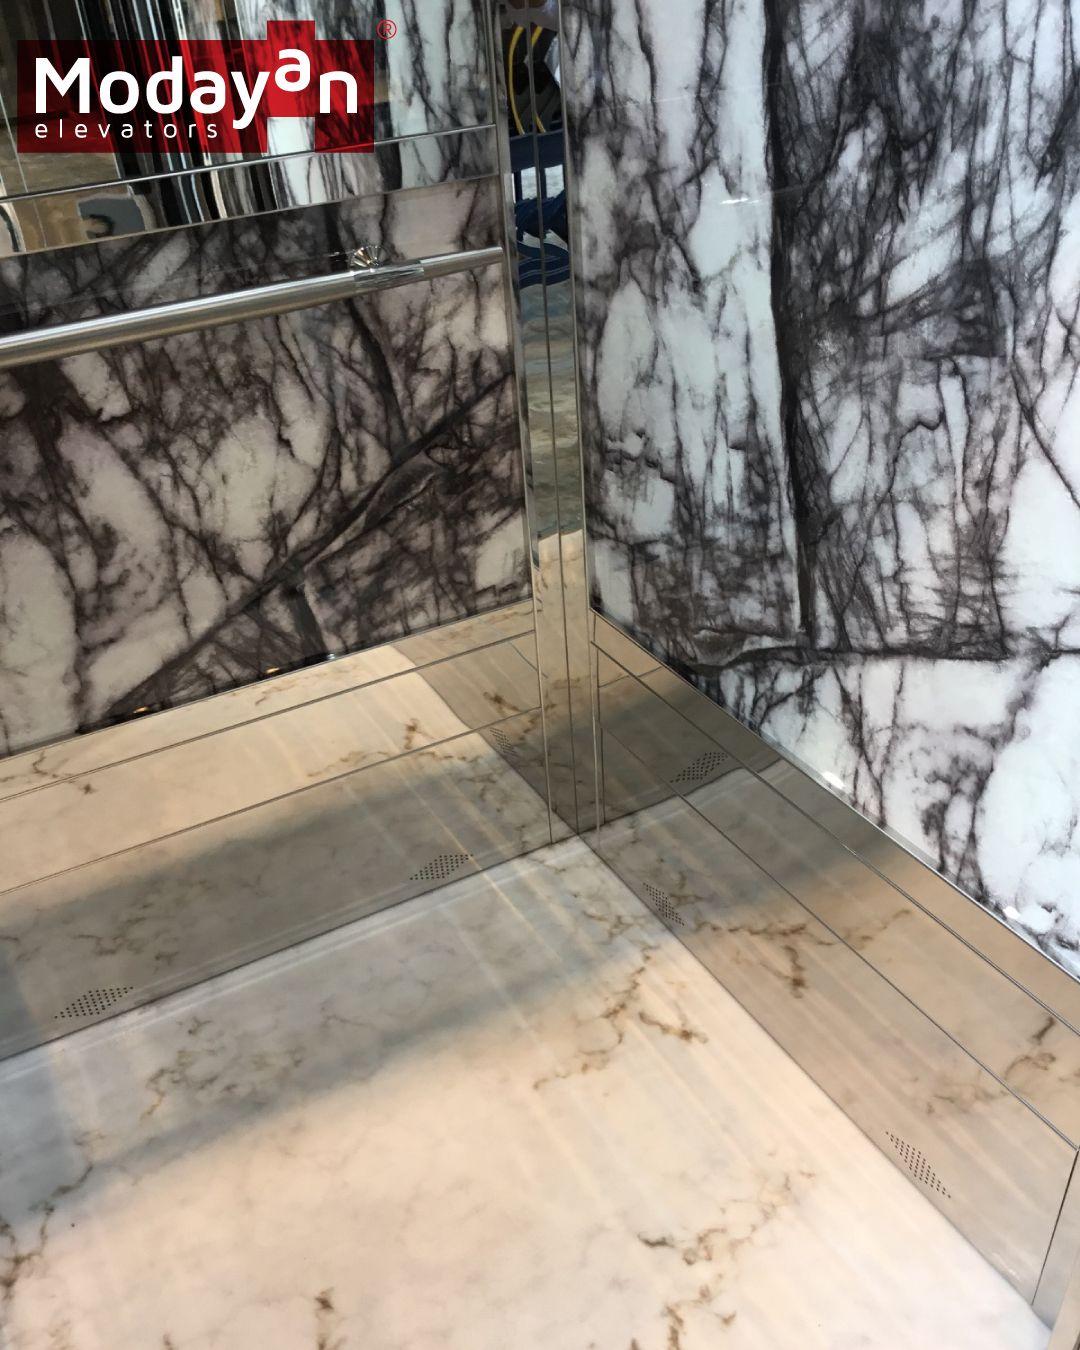 الواجهات التي تعكس الجمال الخاص بشكل الرخام مع فواصل الاستانليس الاستيل الاماع تعطي لمسه من الاناقه Stair Lift Sun City Kuwait City